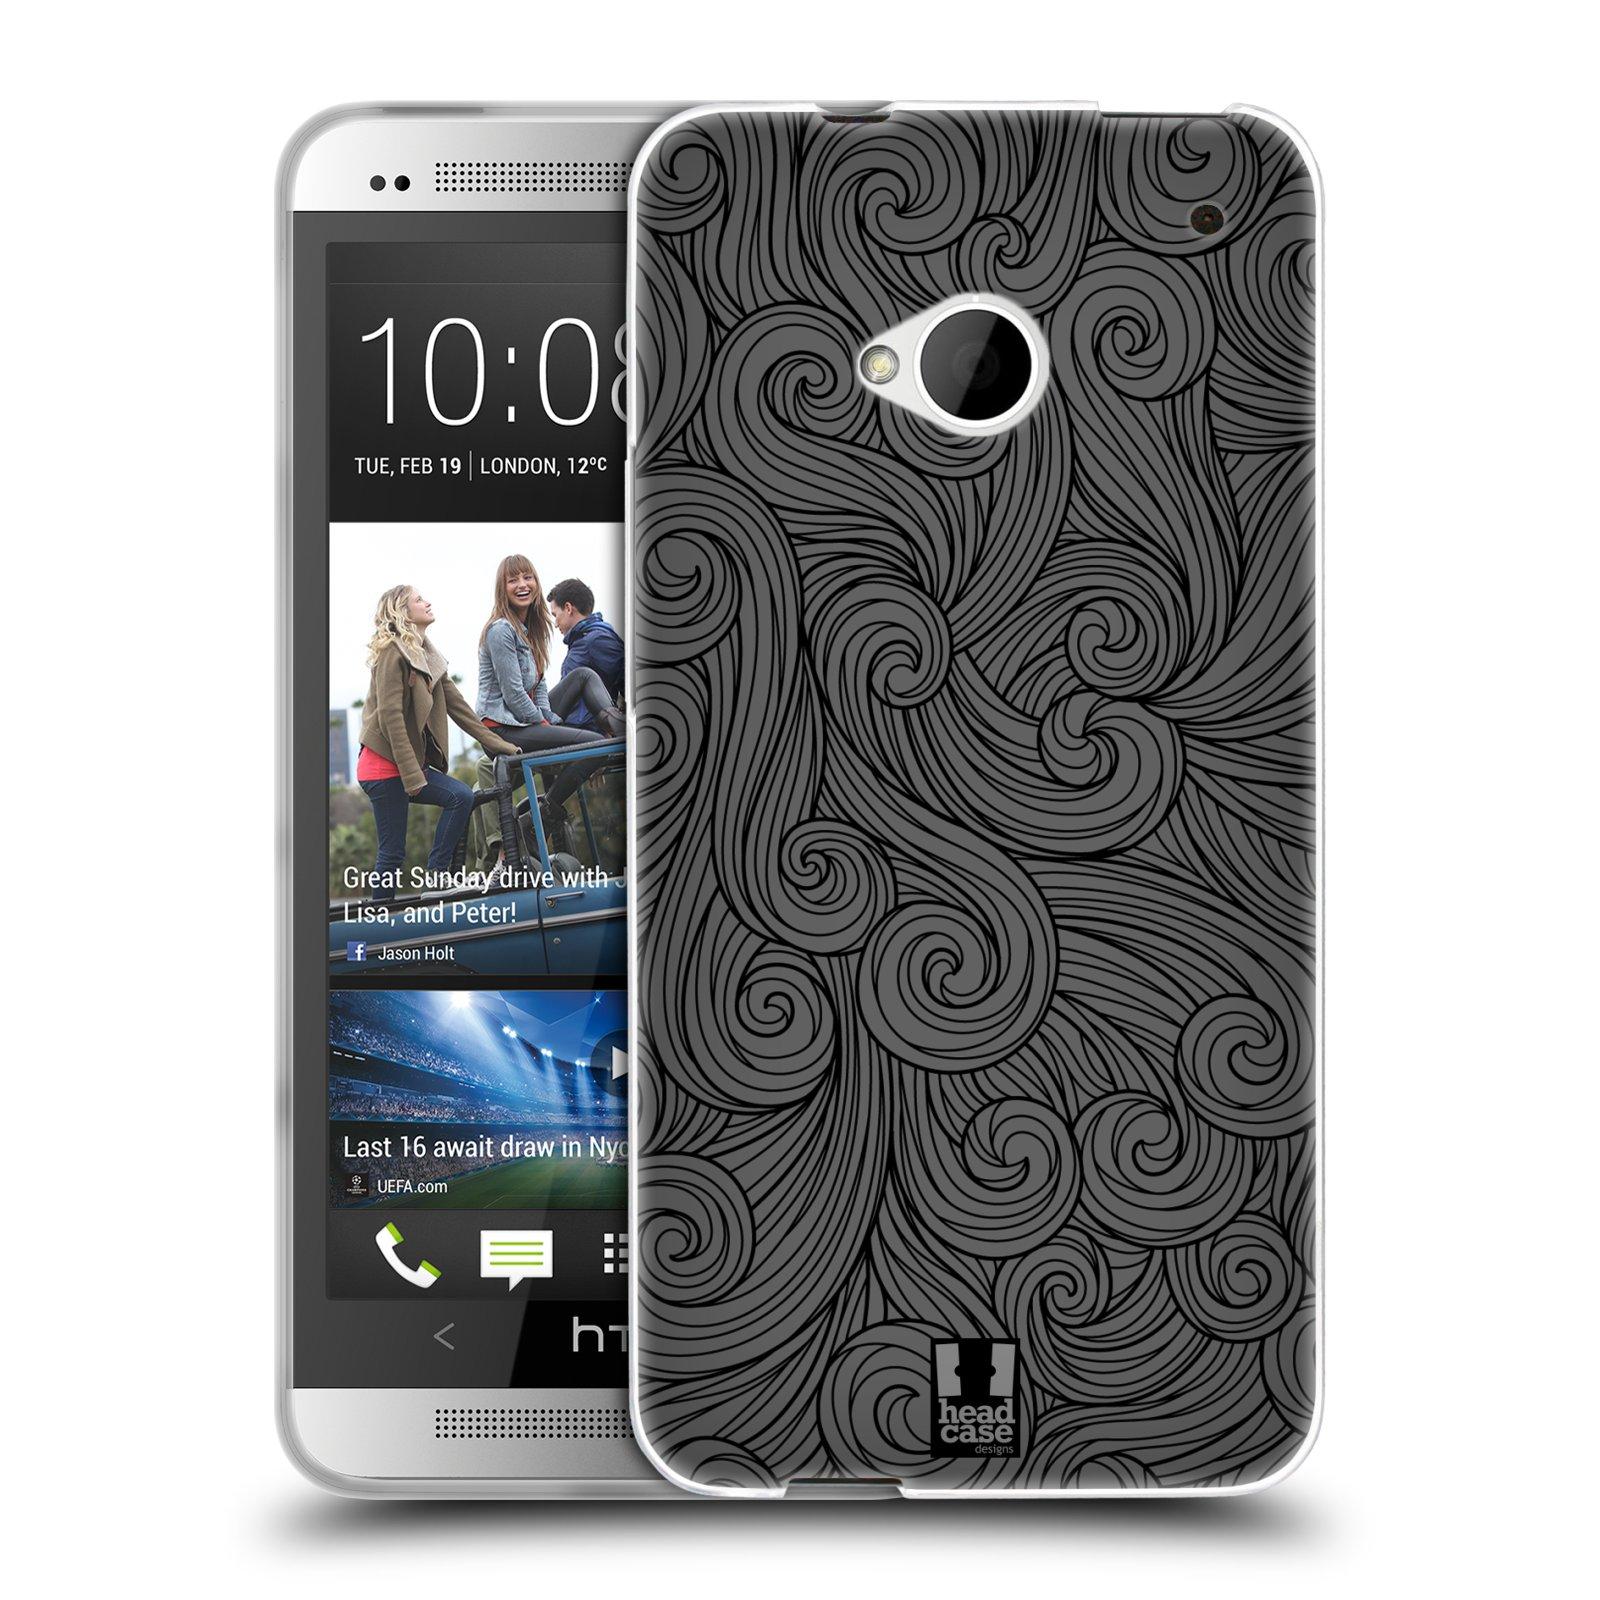 Silikonové pouzdro na mobil HTC ONE M7 HEAD CASE Dark Grey Swirls (Silikonový kryt či obal na mobilní telefon HTC ONE M7)